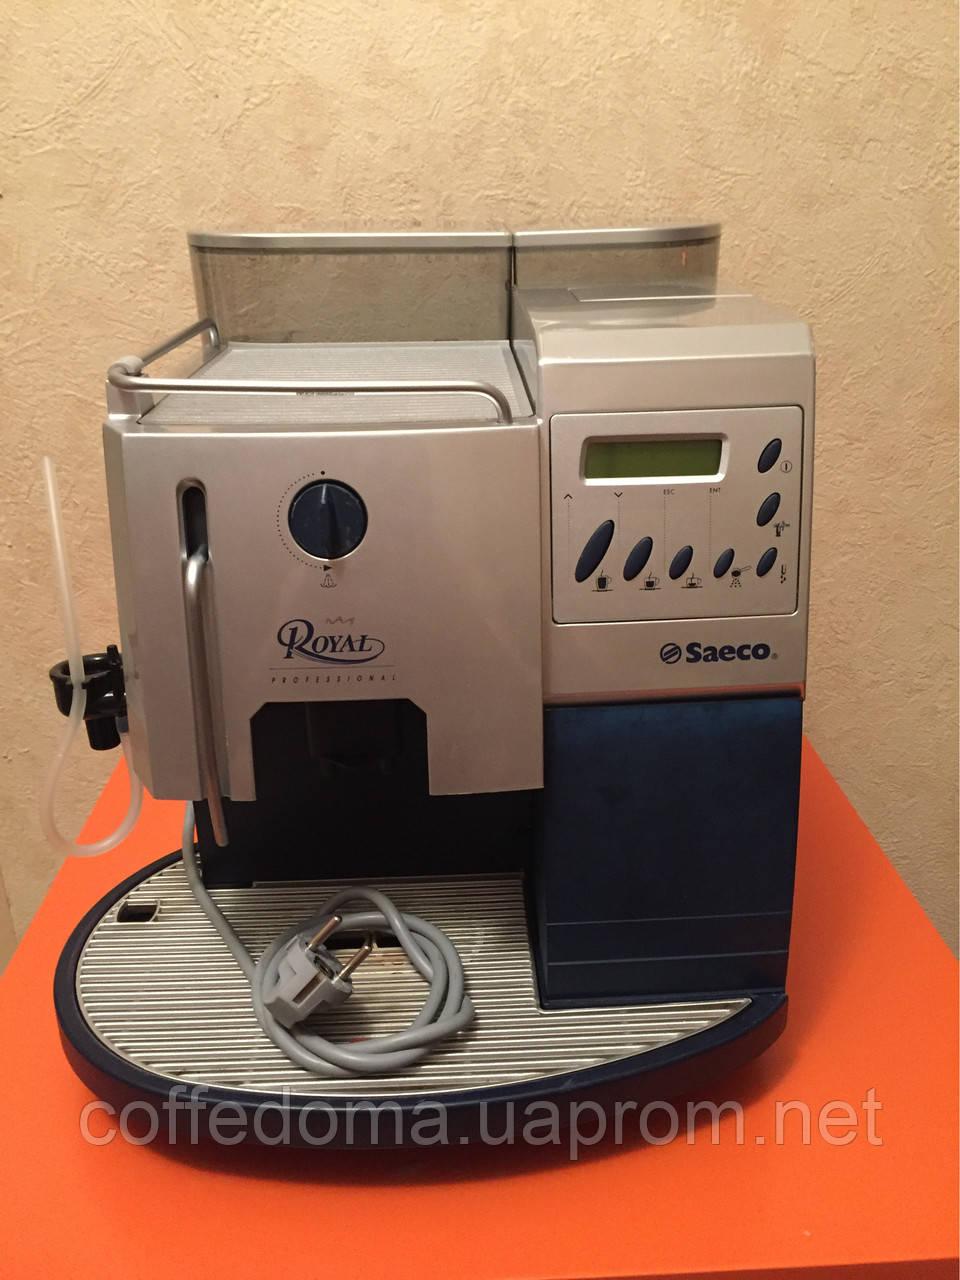 Saeco Royal proffessional автоматическая кофемашина